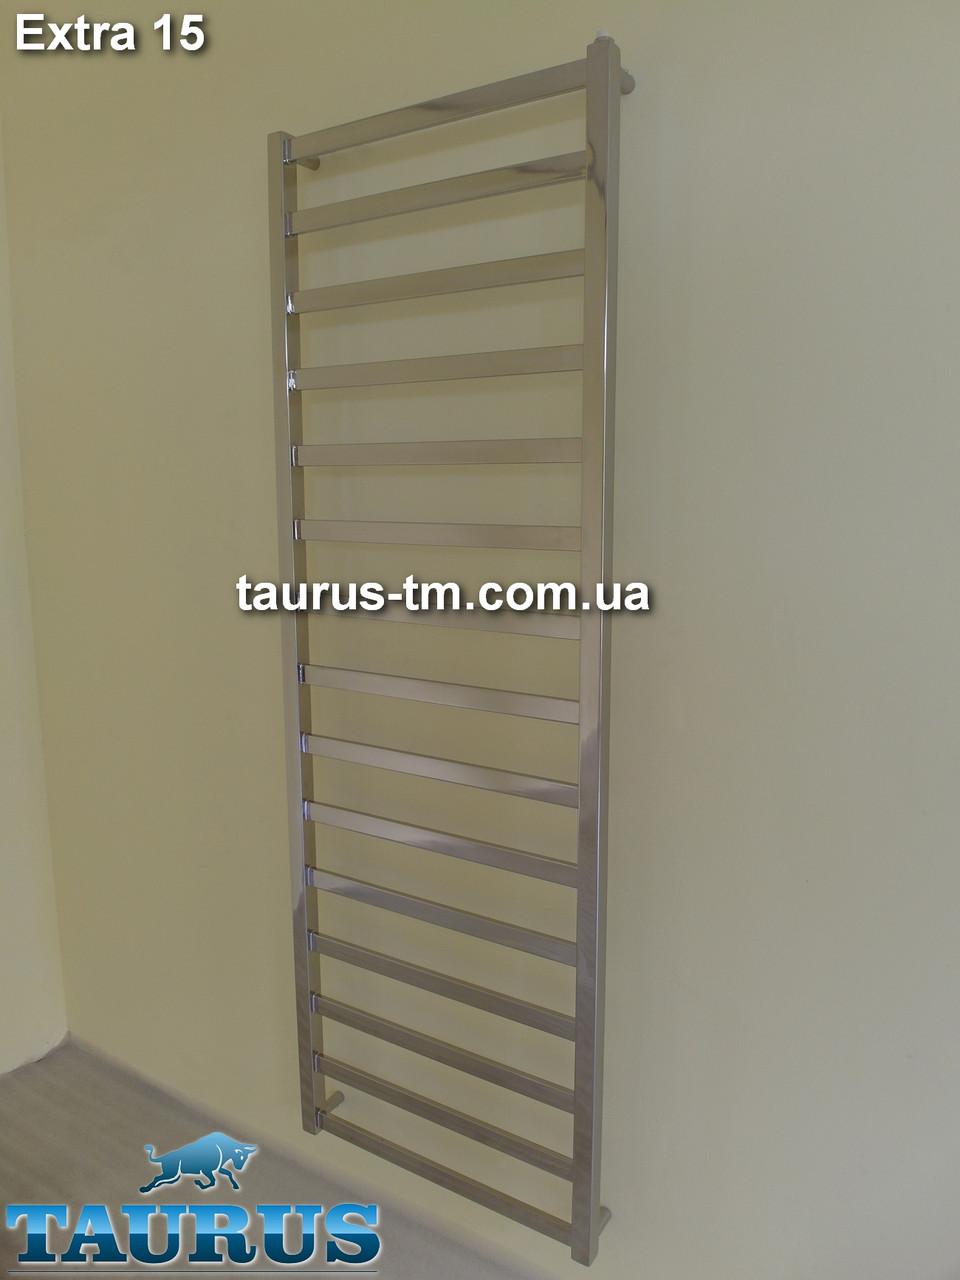 Узкая сушилка для полотенец Extra 15 /400мм. Высокая 1550мм. Квадратная форма труб